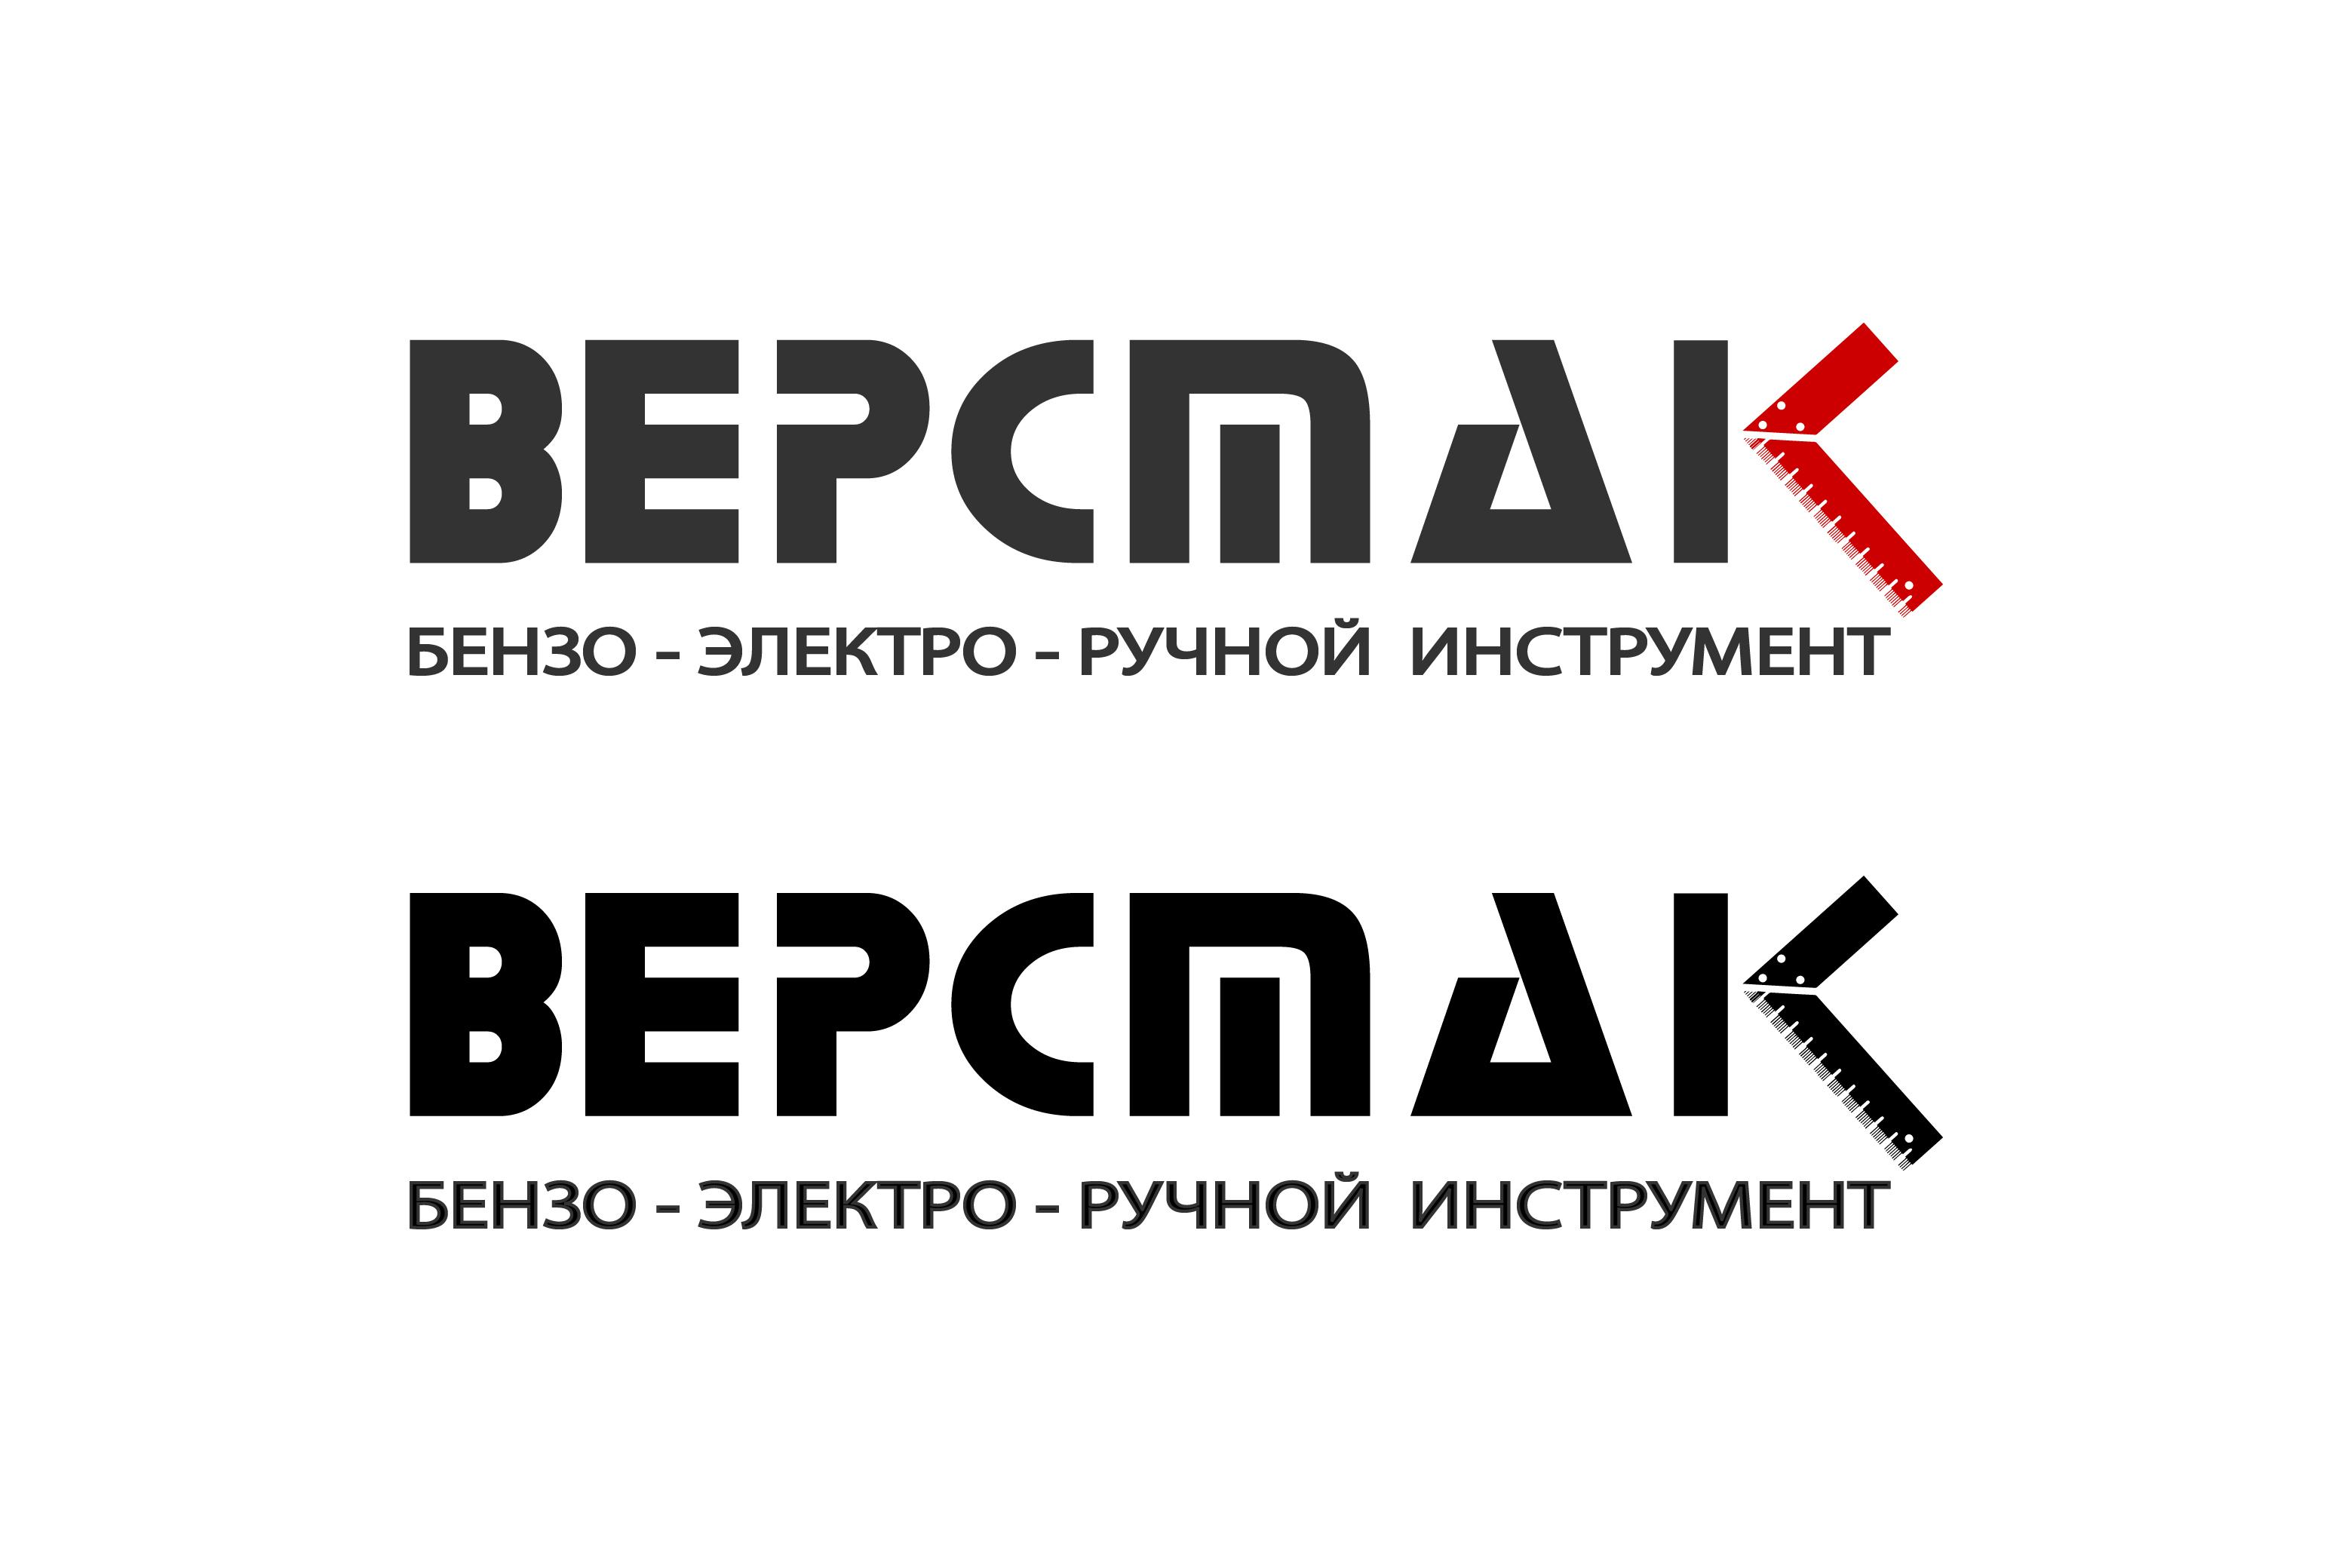 Логотип магазина бензо, электро, ручного инструмента фото f_6055a0f43b64f7e1.jpg